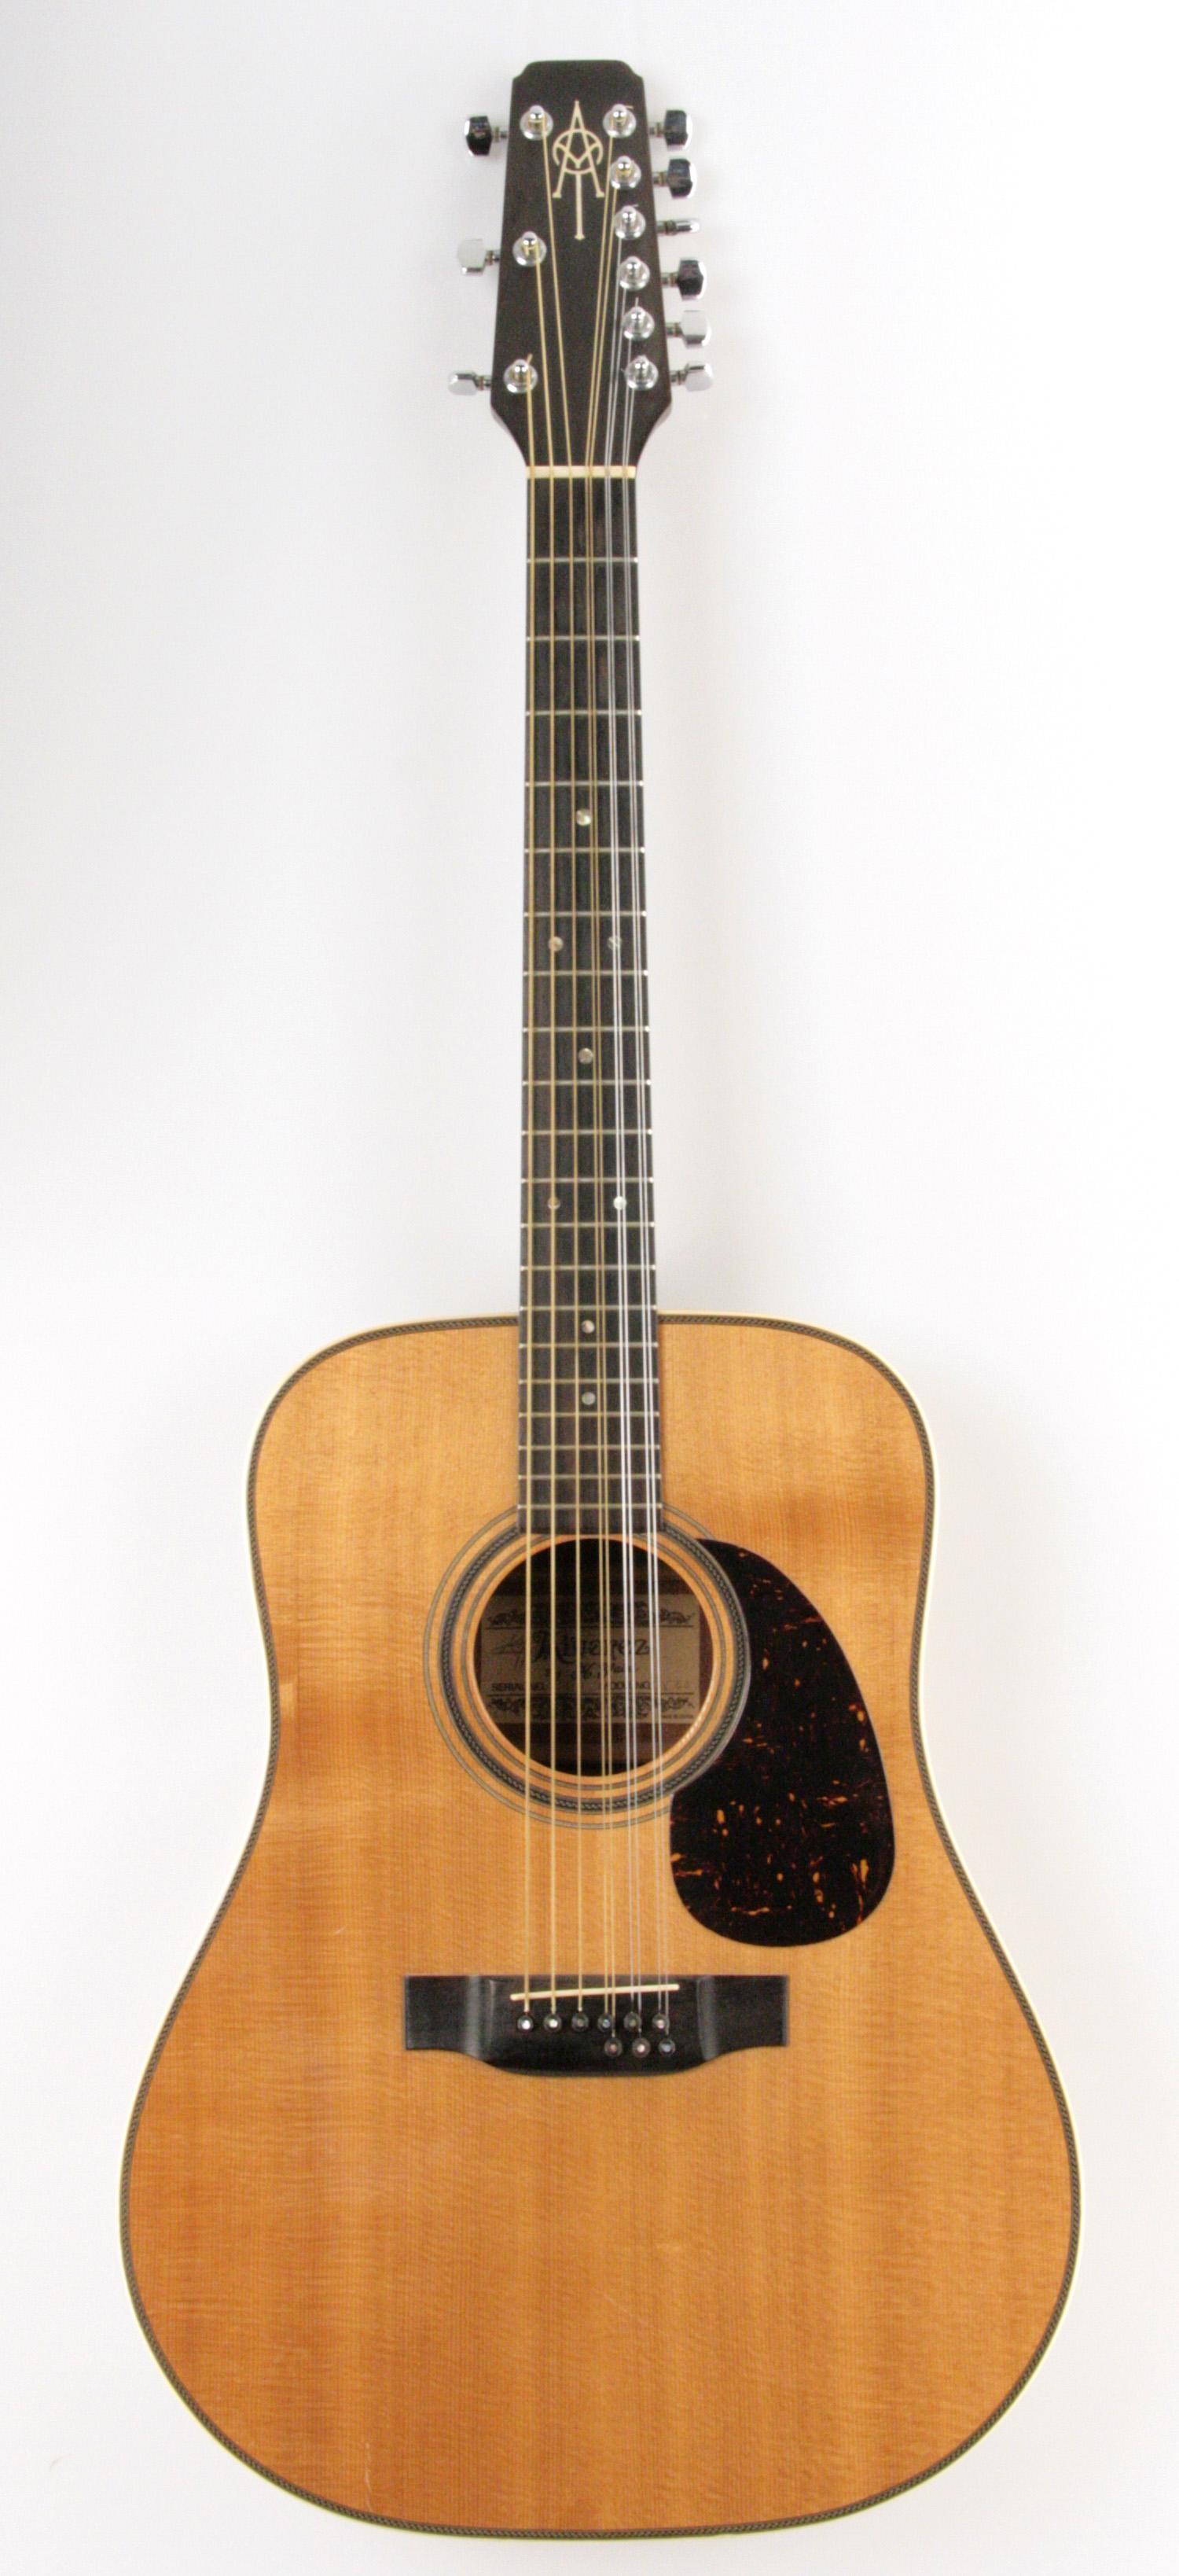 alvarez 9 string 1990 39 s guitar for sale no1 guitarshop. Black Bedroom Furniture Sets. Home Design Ideas